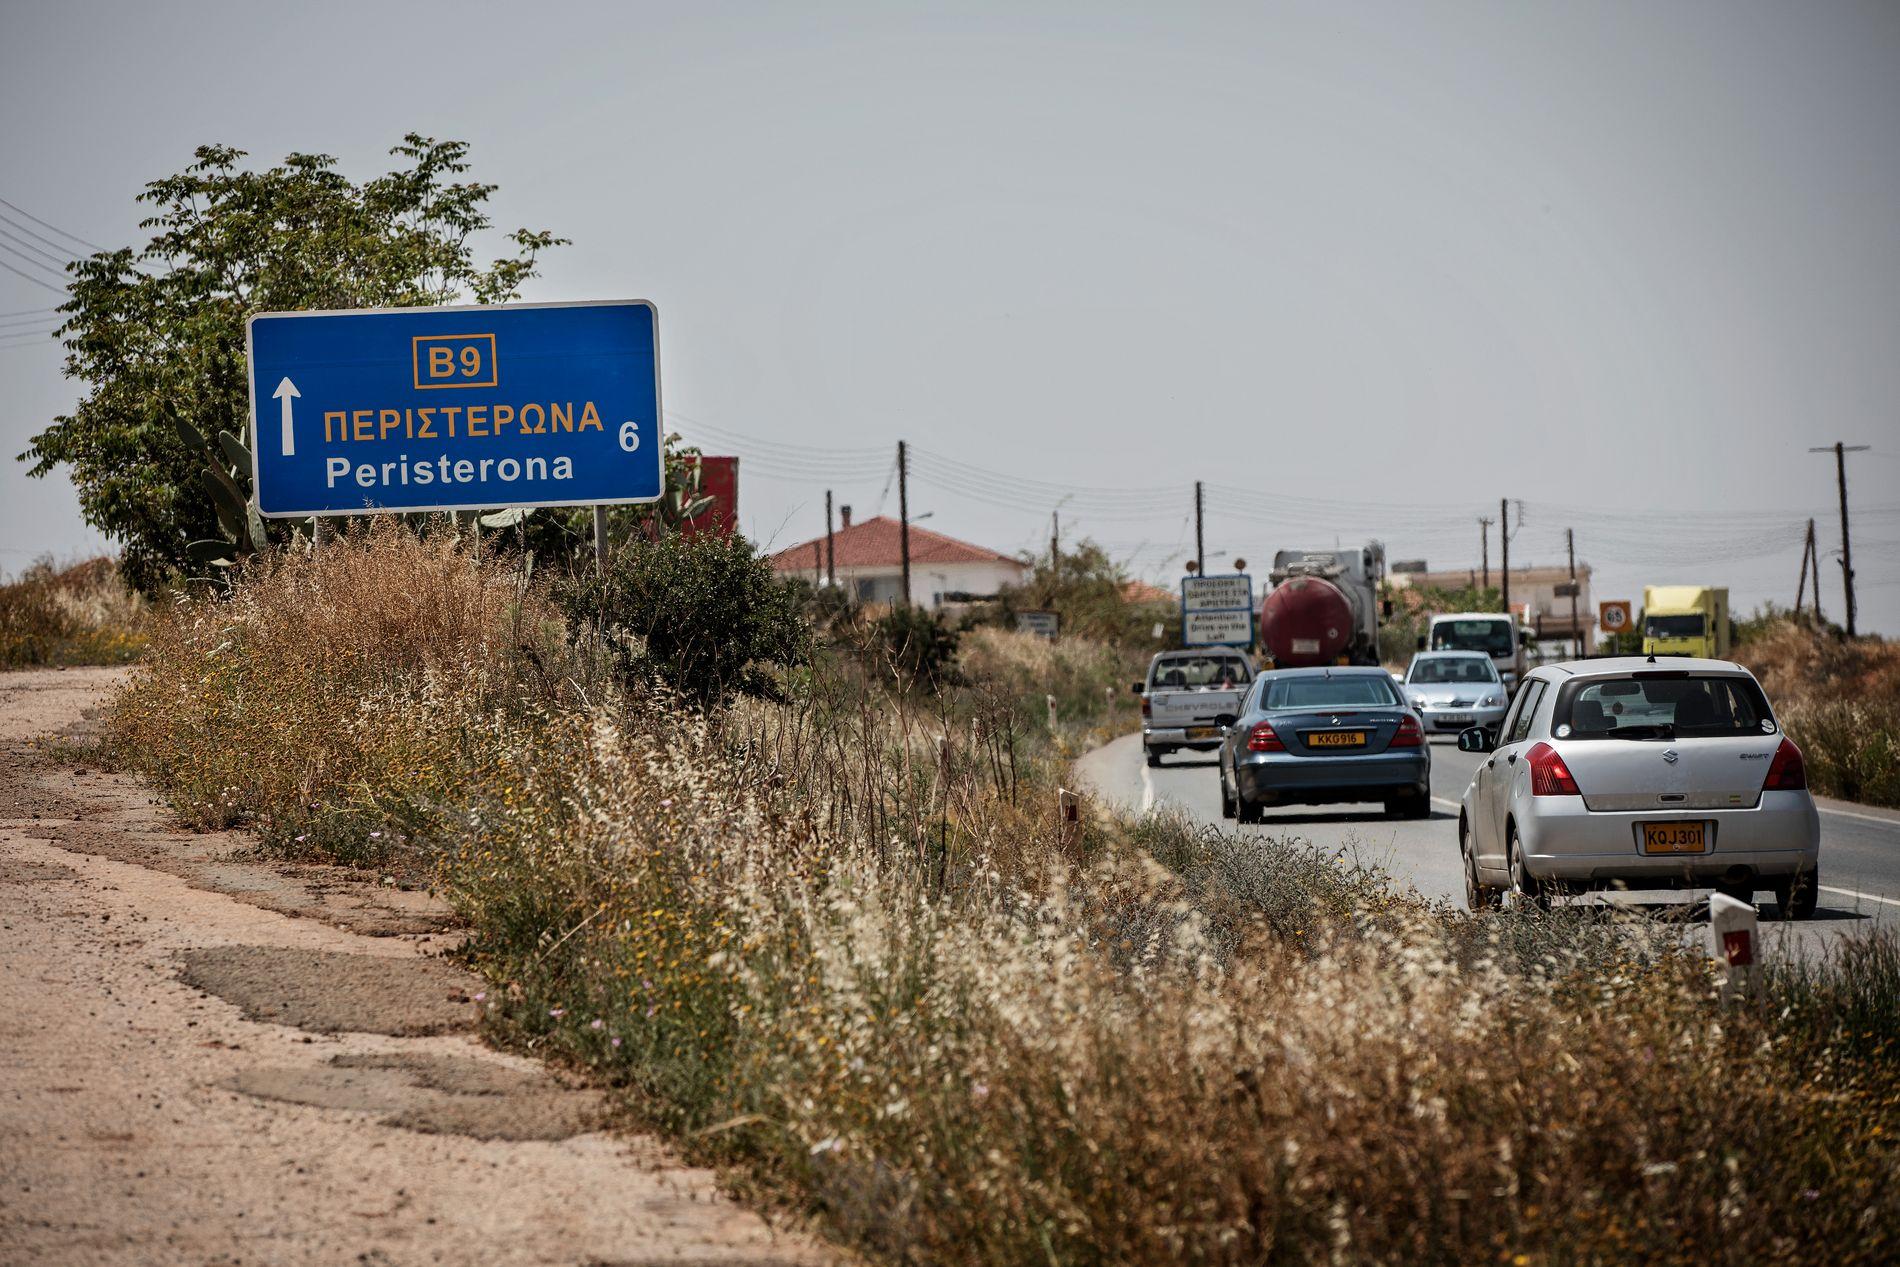 MULIG FLUKTRUTE: En av de fire mennene som er pågrepet og mistenkt i forbindelse med barnefordelingssaken, har røtter i landsbyen Peristerona, nær buffersonen.